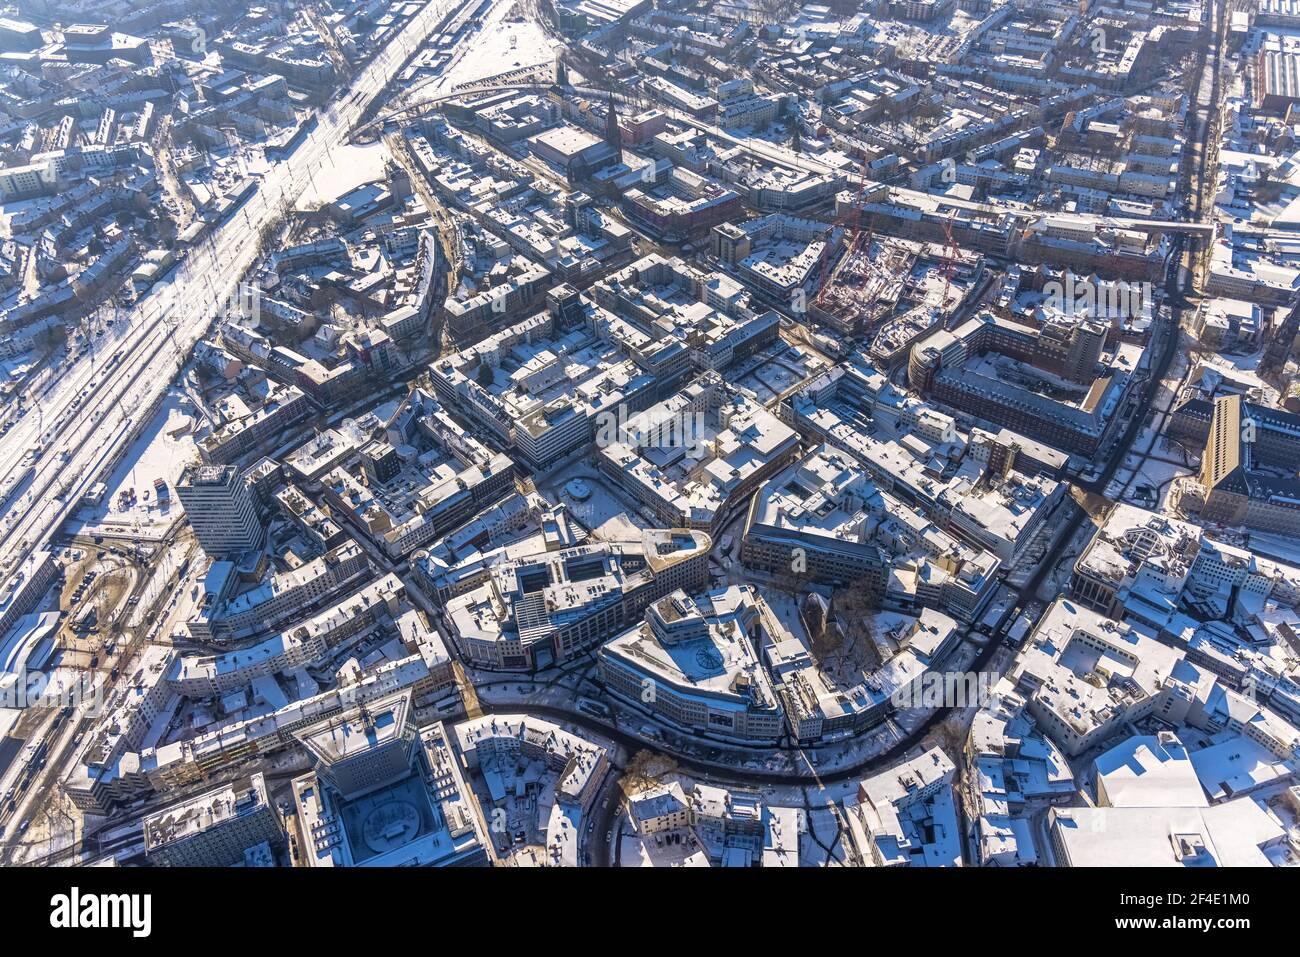 Luftaufnahme, Innenstadtansicht, Eisenbahndreieck, Bochum, Ruhrgebiet, Nordrhein-Westfalen, Deutschland, Stadt, DE, Dr.-Ruer-Platz, Europa, Lueg Hochhaus, ae Stockfoto